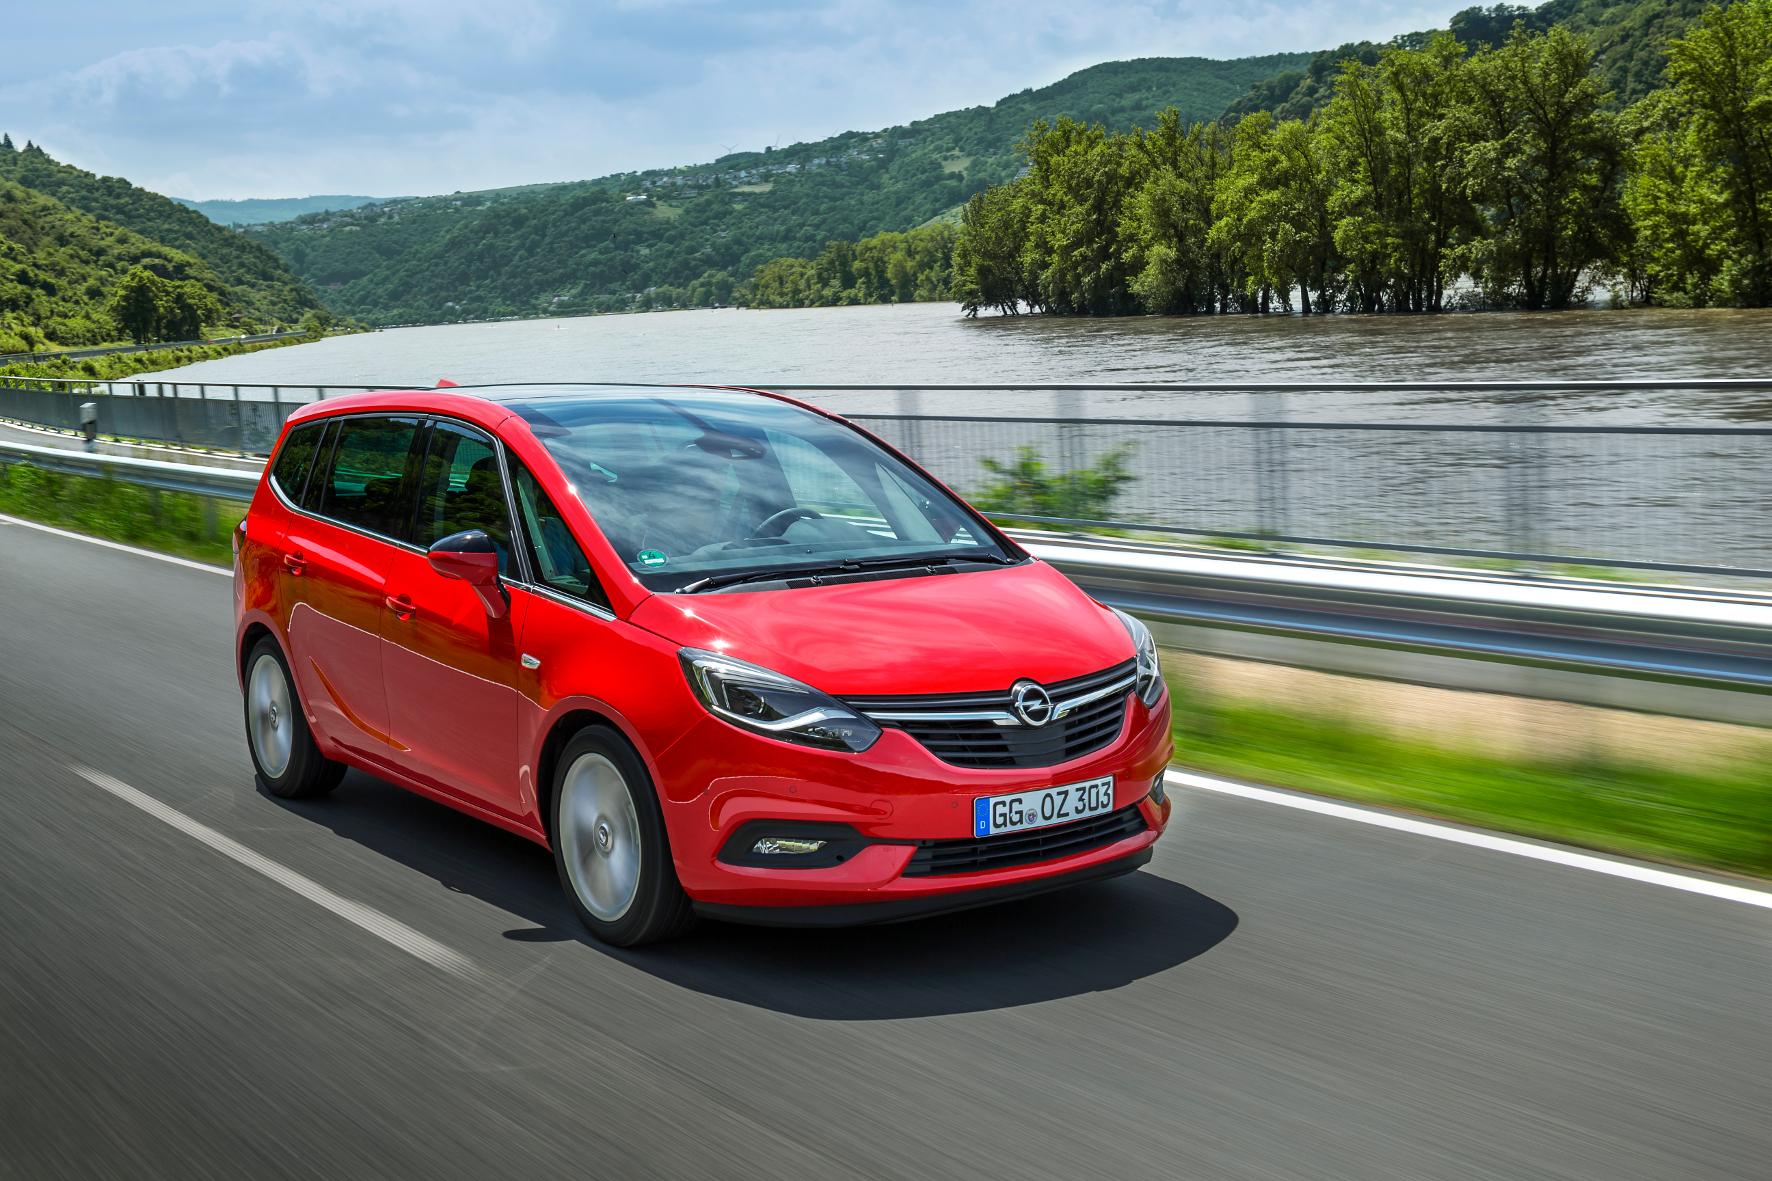 mid Rüsselsheim - Neues Gesicht: Das umfangreiche Facelift des Opel Zafira wird ab September für mindestens 21.990 Euro zu haben sein.